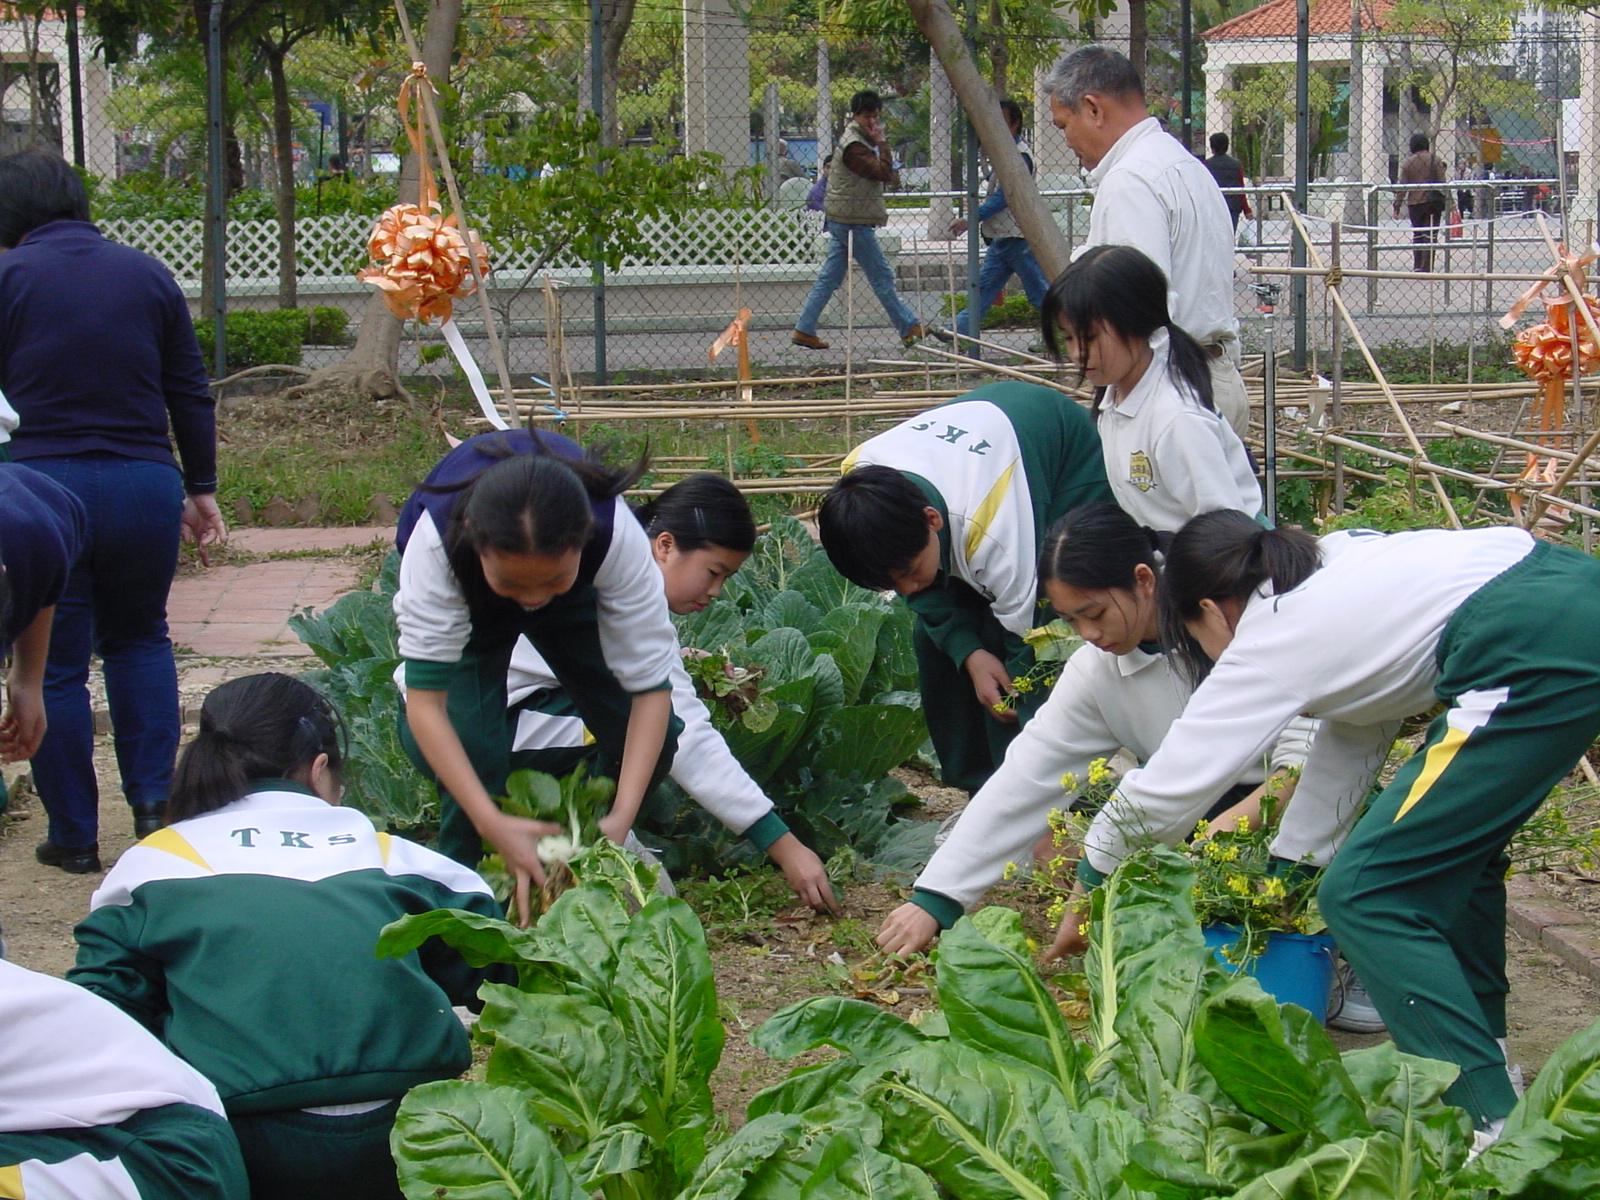 Tung_Koon_School2